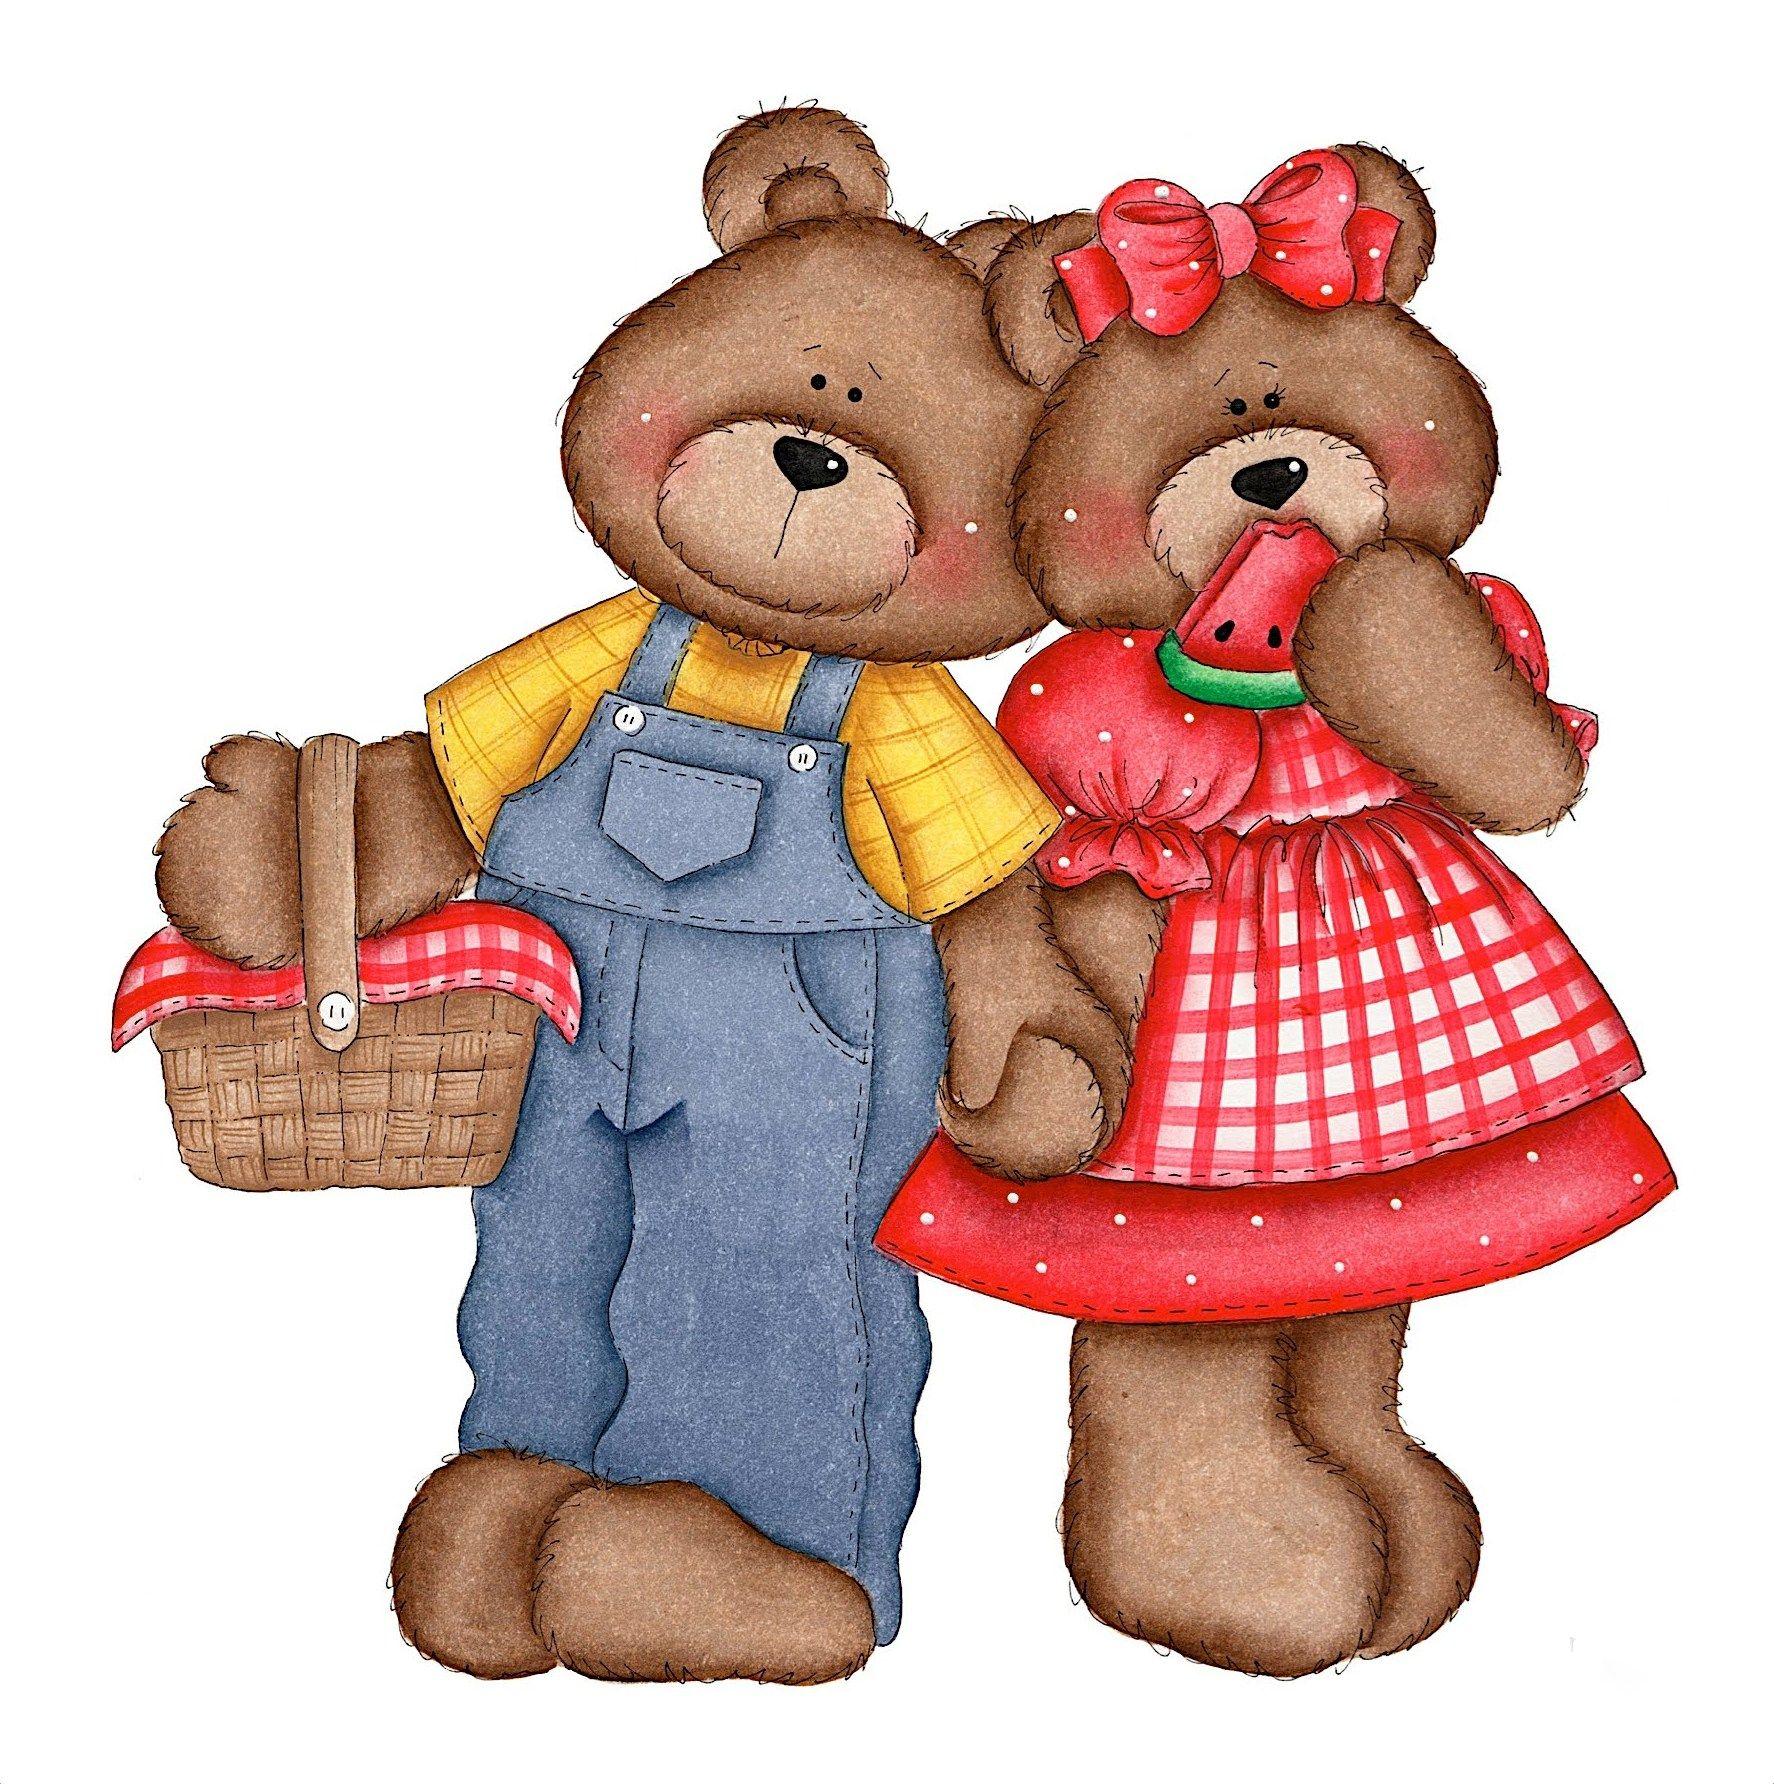 Для, картинки прикольных медвежат мультяшных